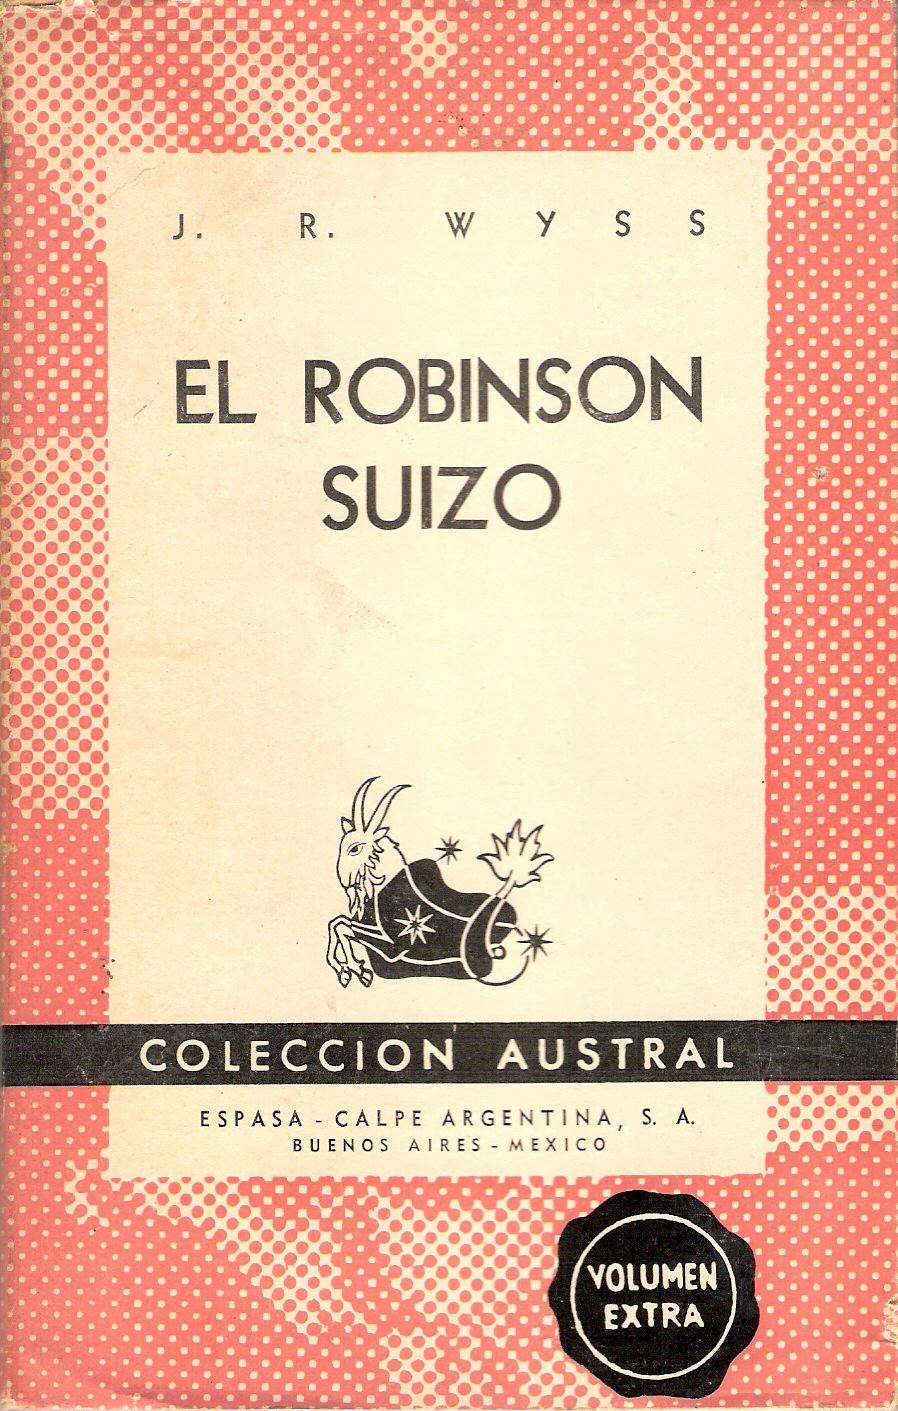 El Robinsón Suizo